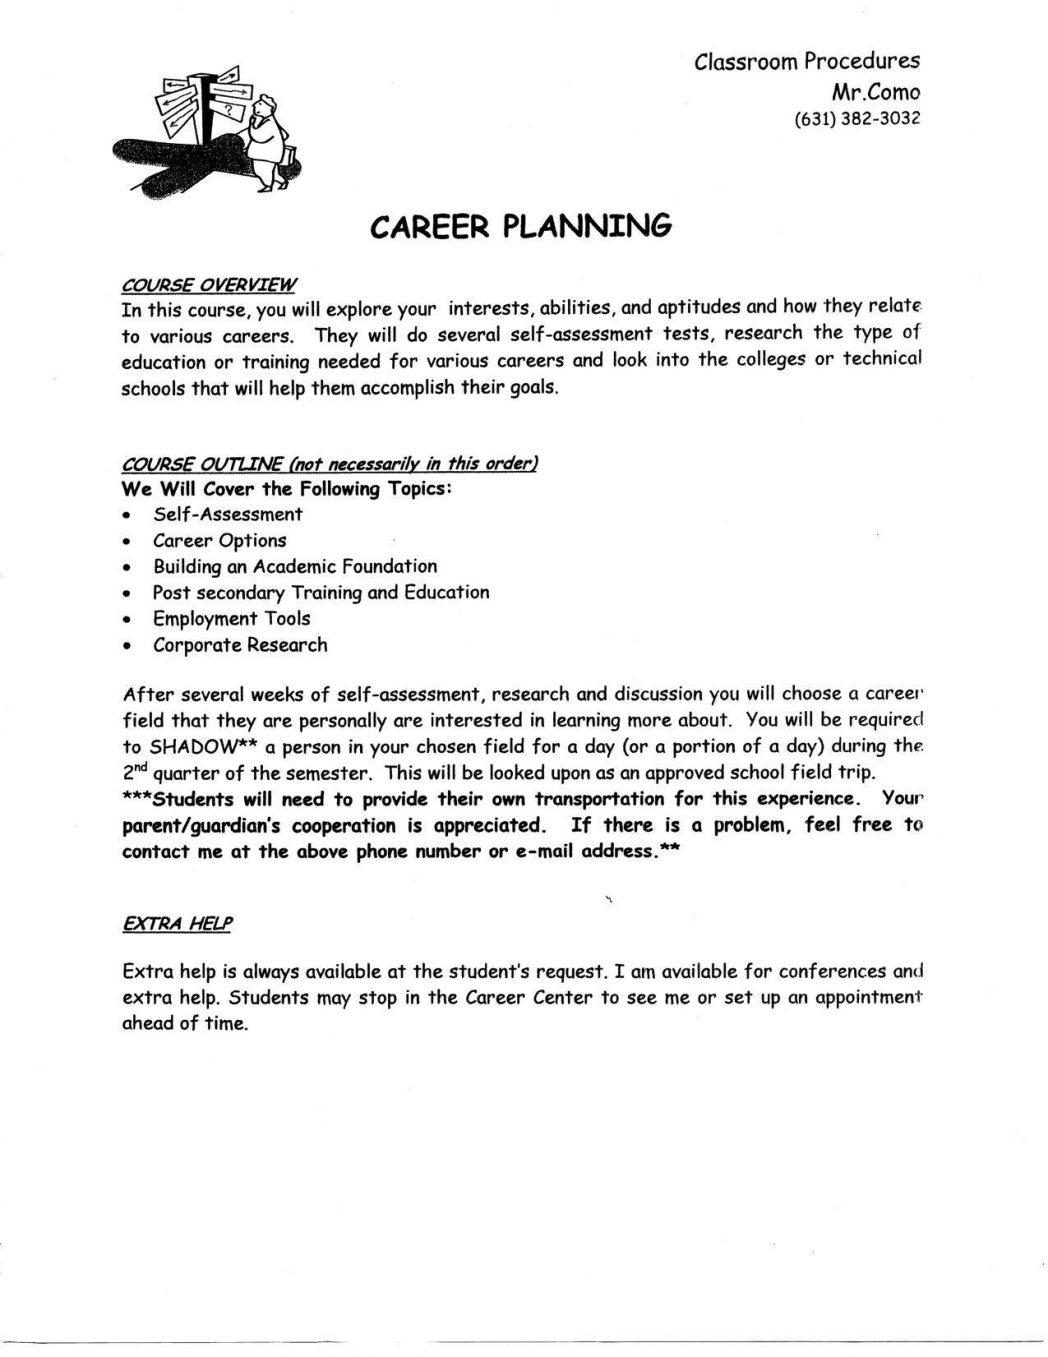 004 Nursing Career Essays Essay On Goals In Goal Example Examples Imposing Profession Nigeria Professionalism Full